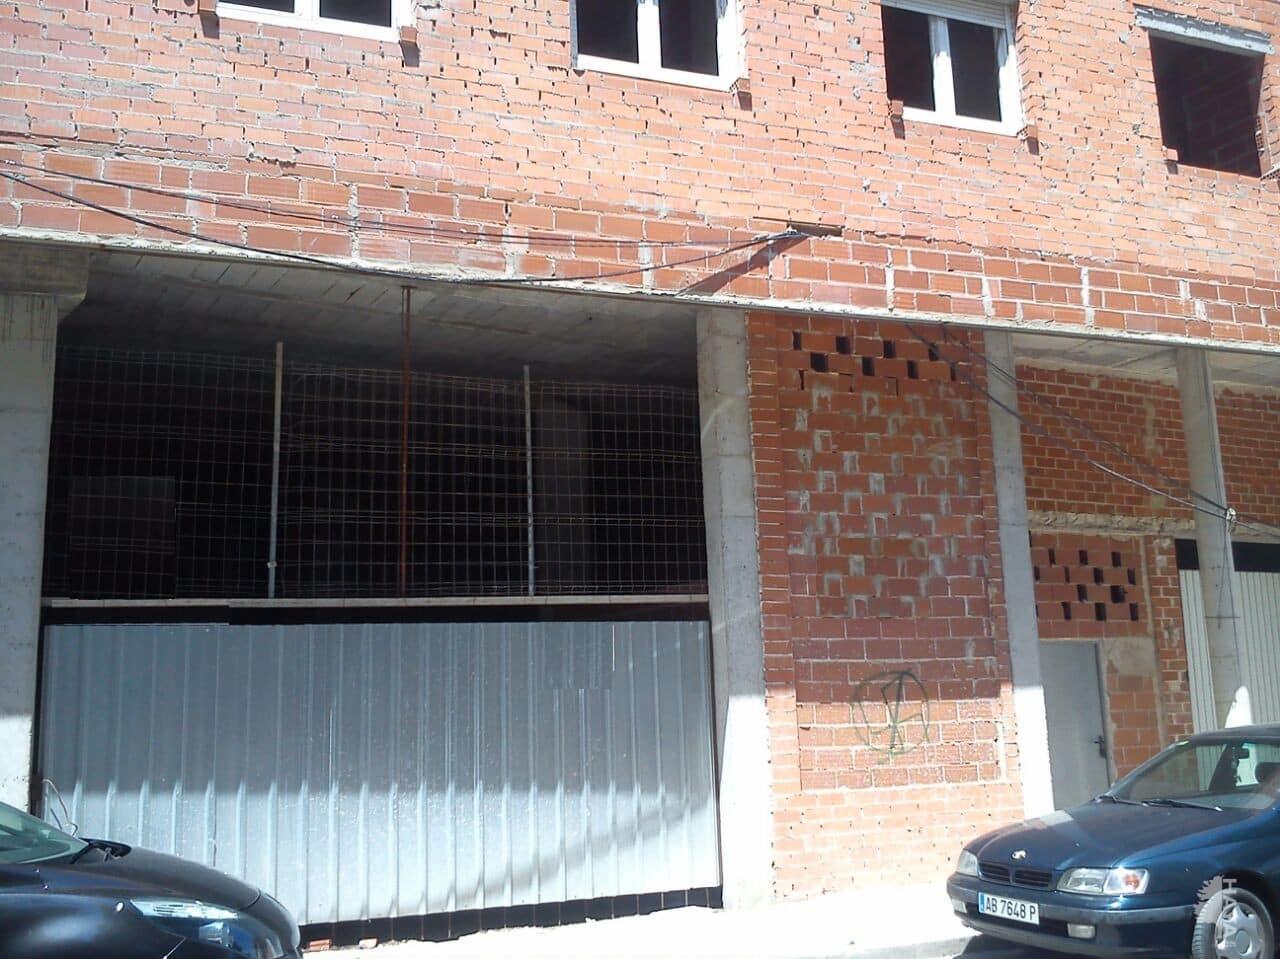 Piso en venta en La Roda, Albacete, Calle Juan Garcia Glz, 34.500 €, 1 habitación, 1 baño, 85 m2